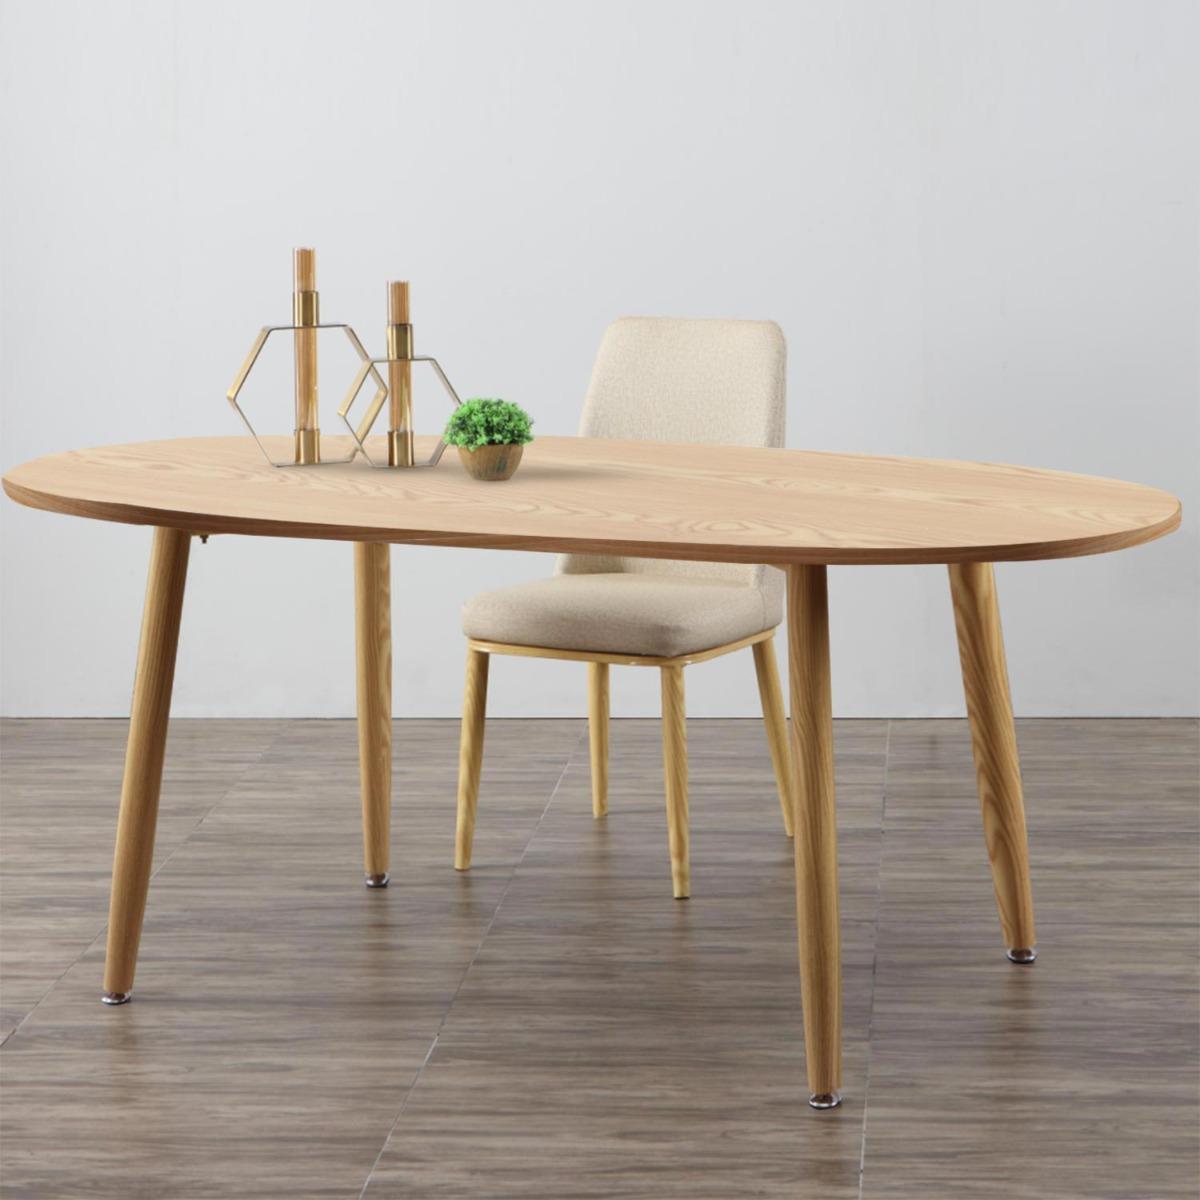 Nolane Ovaler Tisch im skandinavischen Stil Helle Eiche